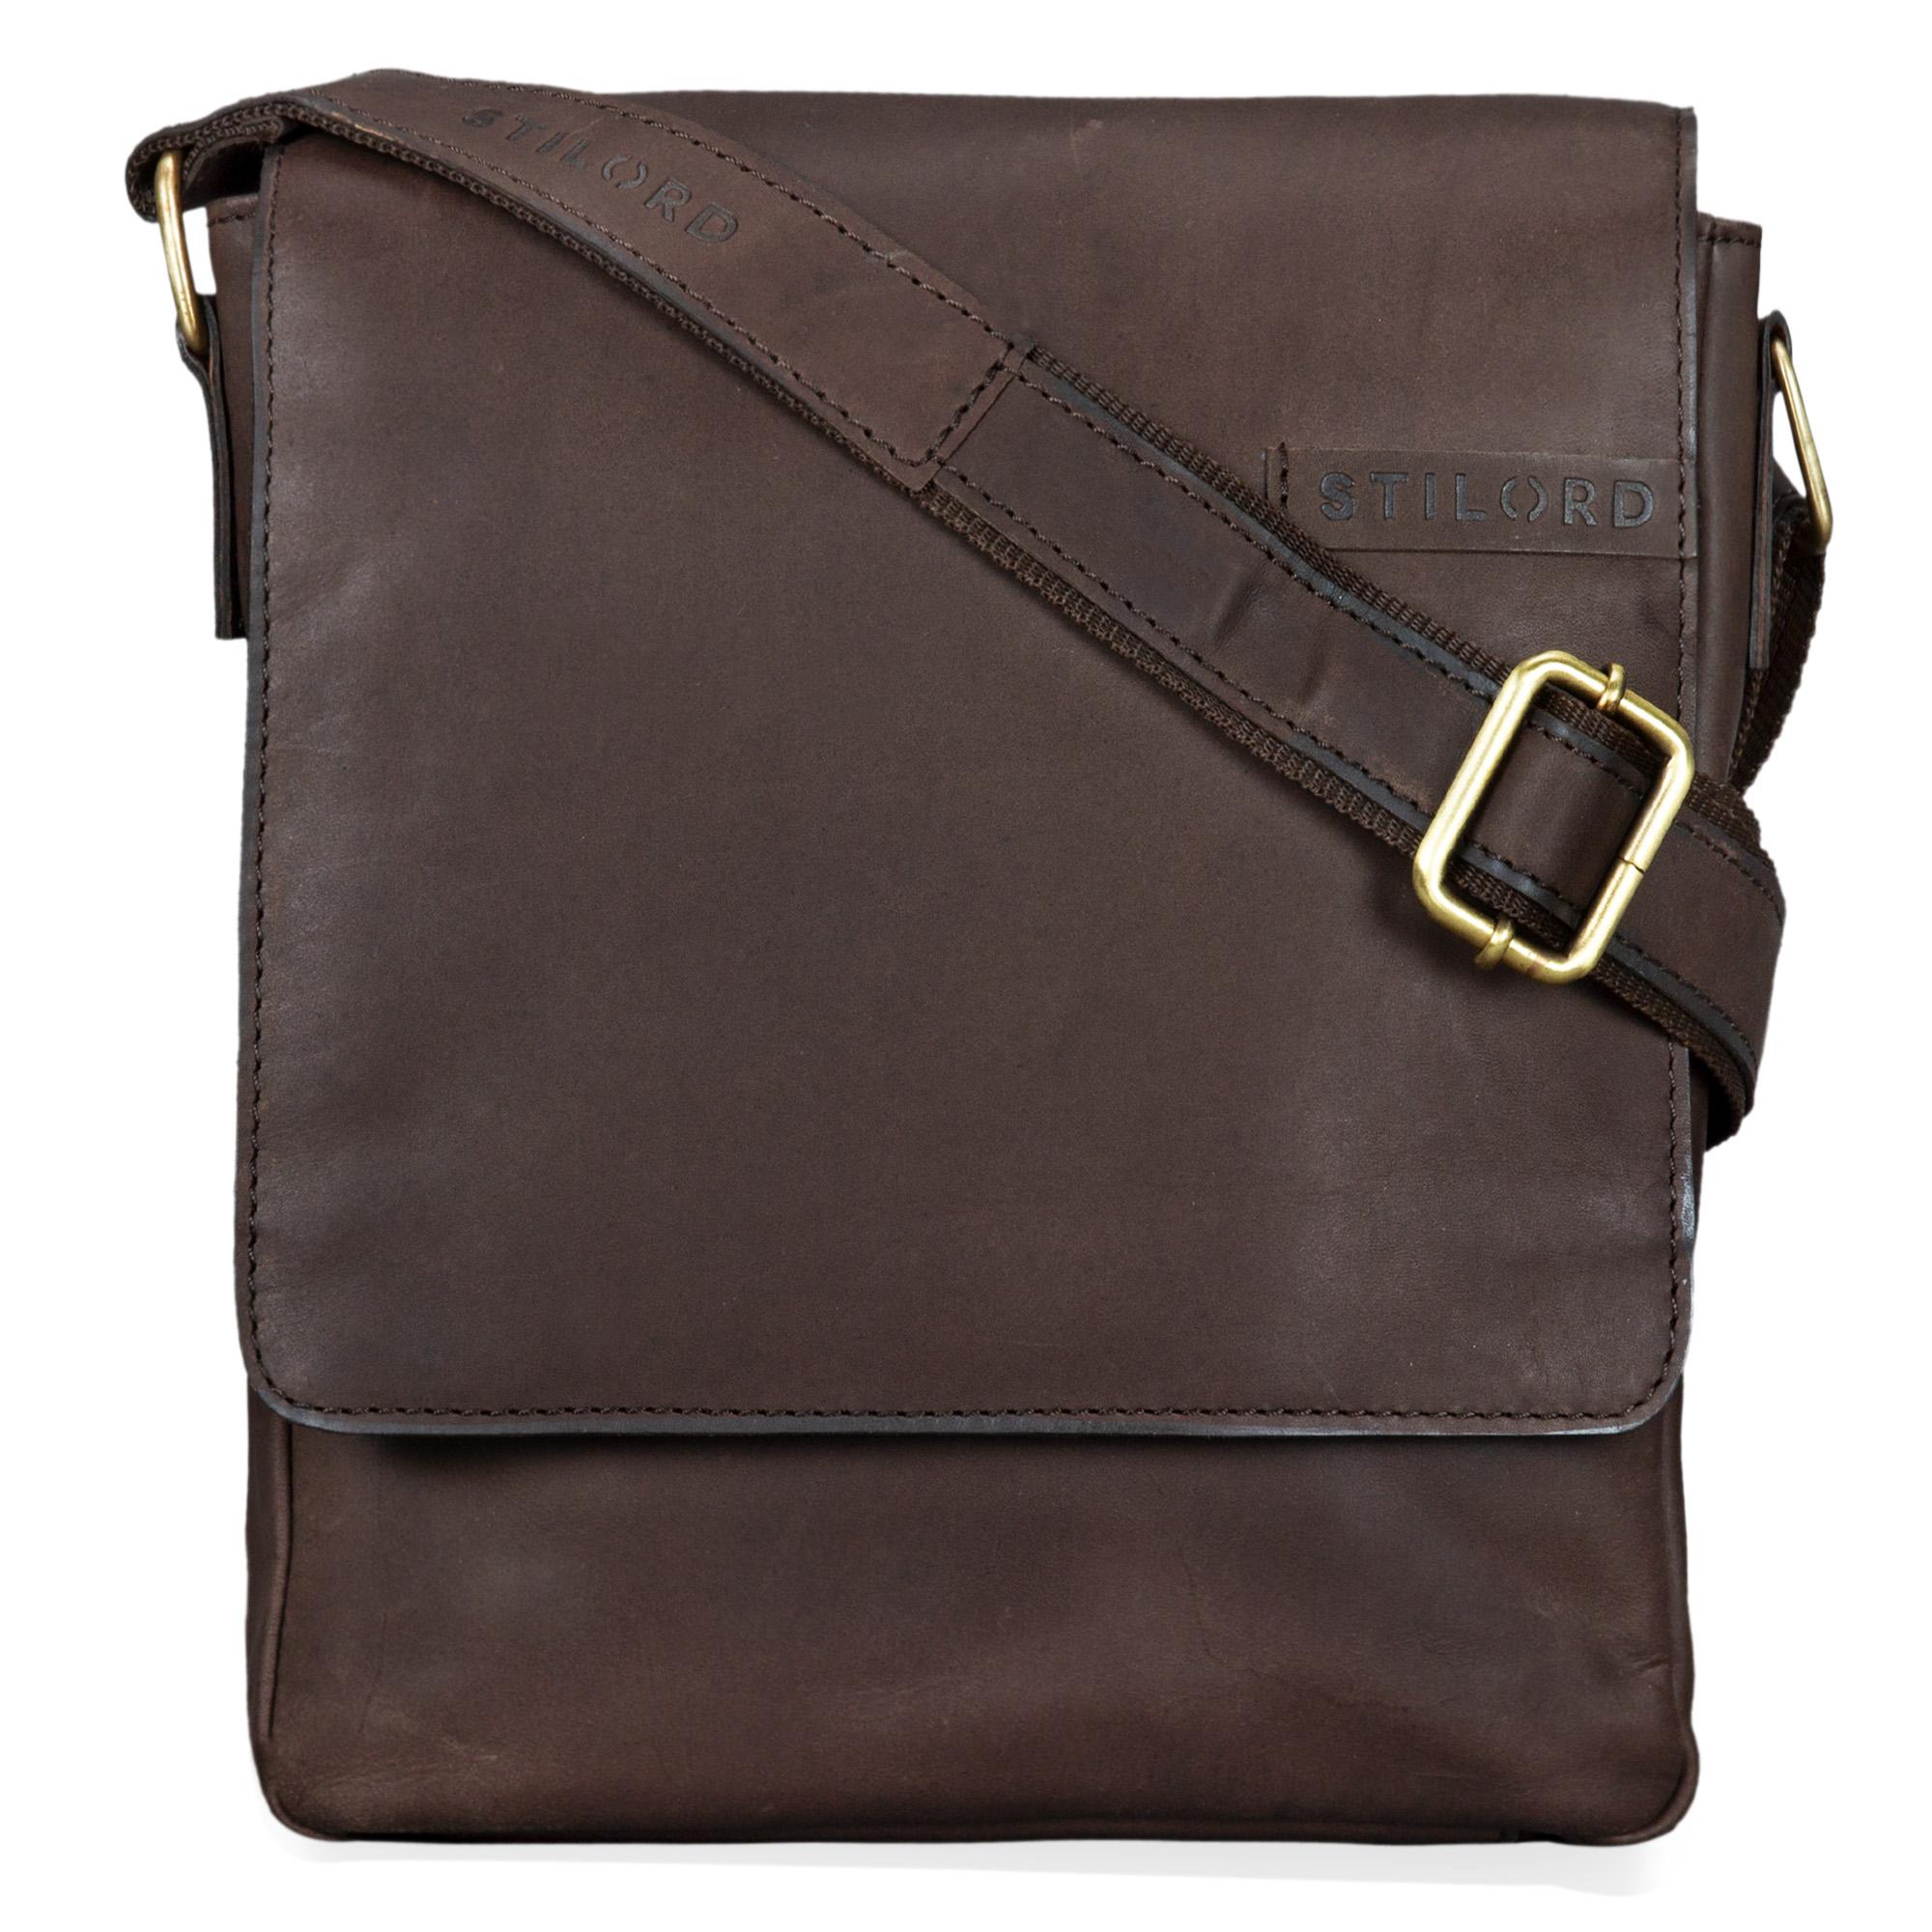 """STILORD """"Dario"""" Männer Umhängetasche Leder Vintage Messenger Bag für iPad 9,7 - 10,1 Zoll Tablettasche klein Schultertasche echtes Leder - Bild 3"""